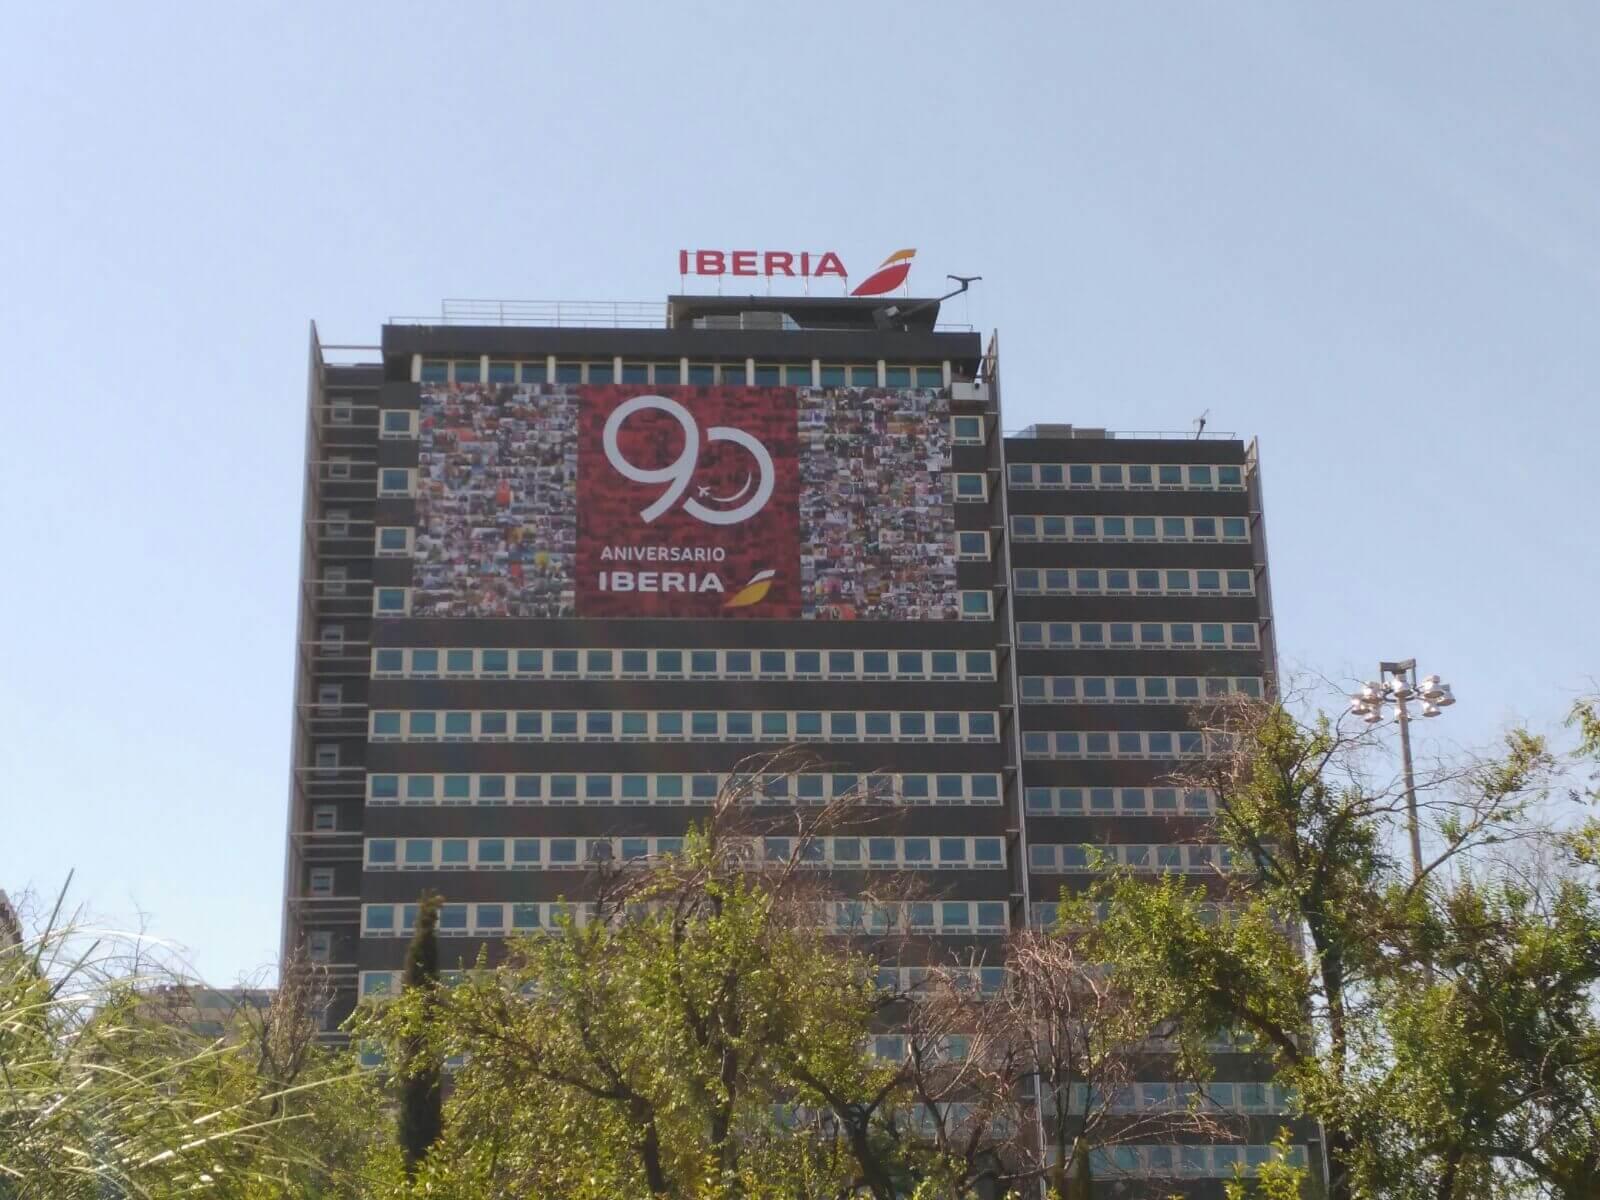 Iberia celebra el 90 aniversario y su puntualidad